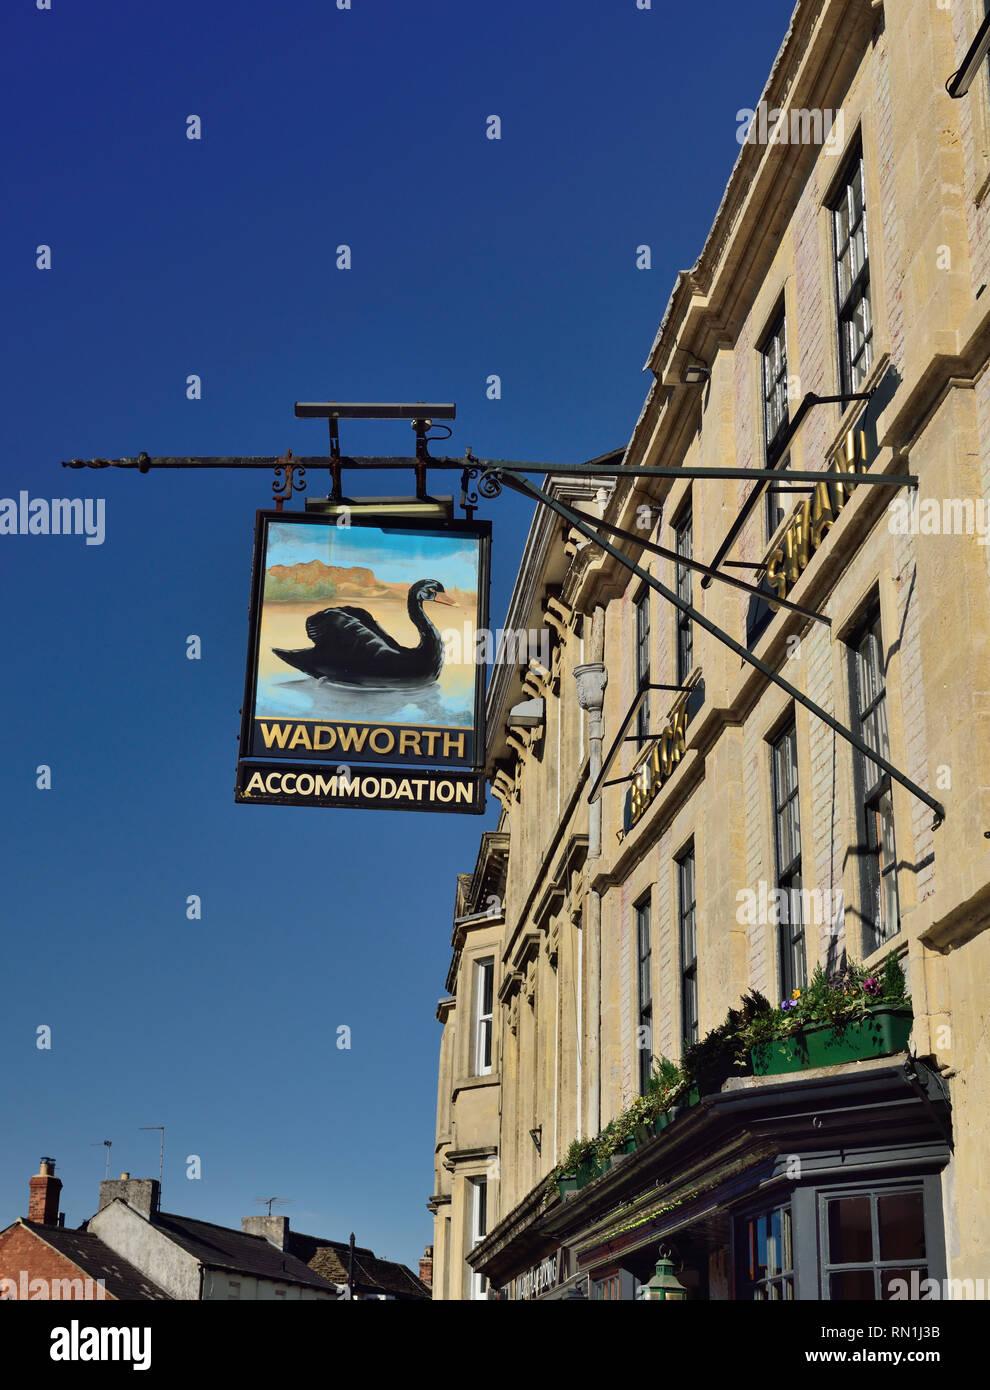 The sign of the Black Swan Inn at Devizes. - Stock Image